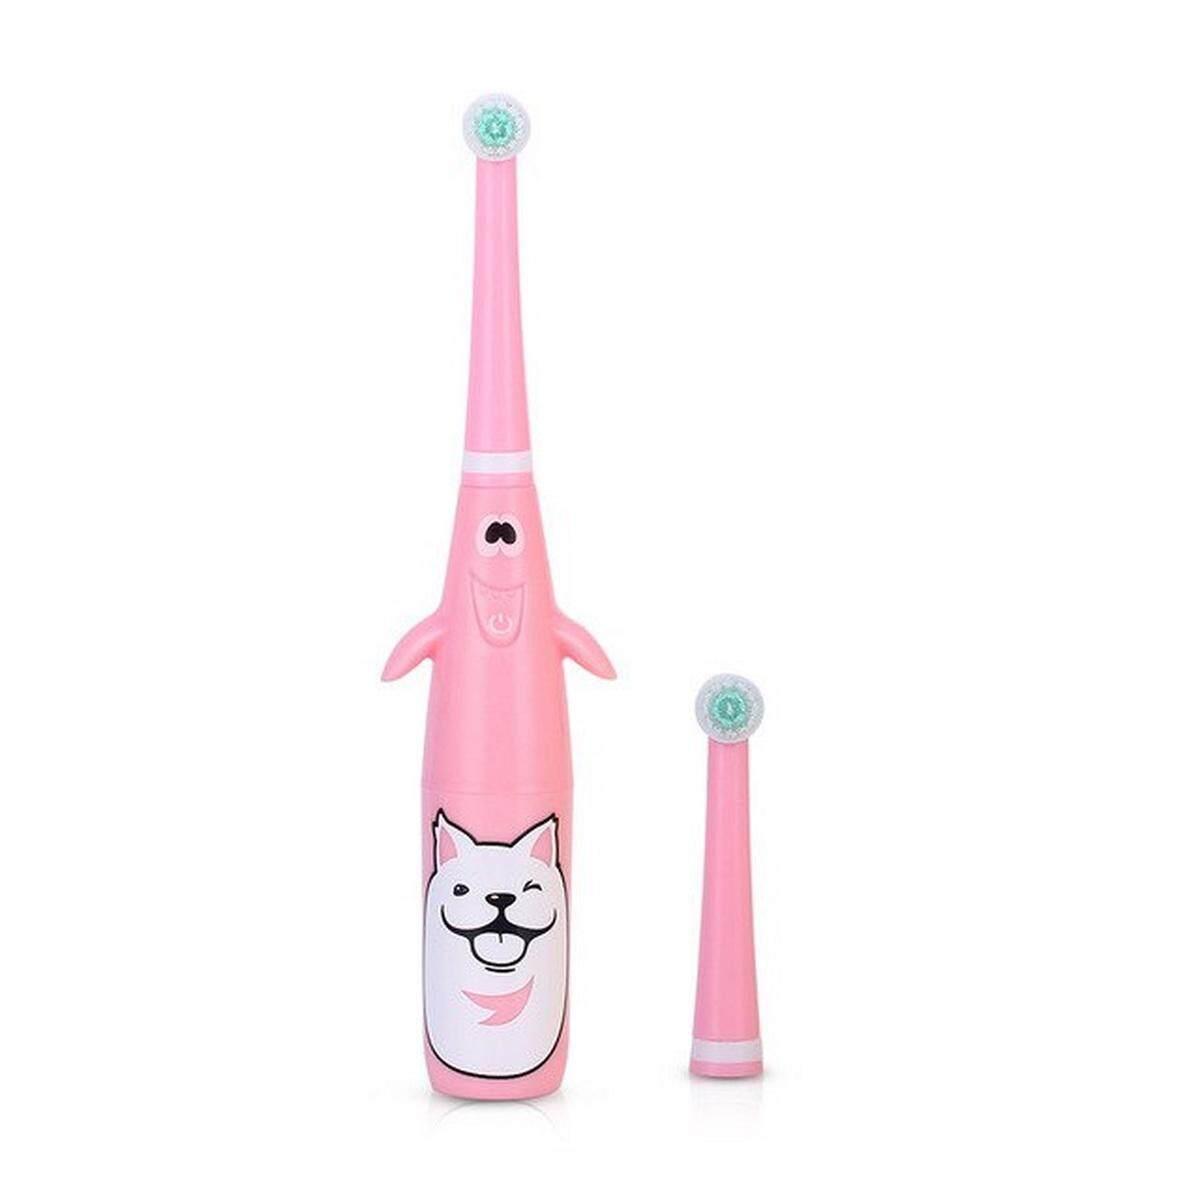 แปรงสีฟันไฟฟ้า รอยยิ้มขาวสดใสใน 1 สัปดาห์ พิษณุโลก แปรงสีฟันไฟฟ้ากันน้ำนุ่ม 3D ประเภทการหมุนอัตโนมัติแปรงสีฟันหัวส่วนบุคคลดูแลเด็กสีชมพู สีเหลือง สีน้ำเงิน